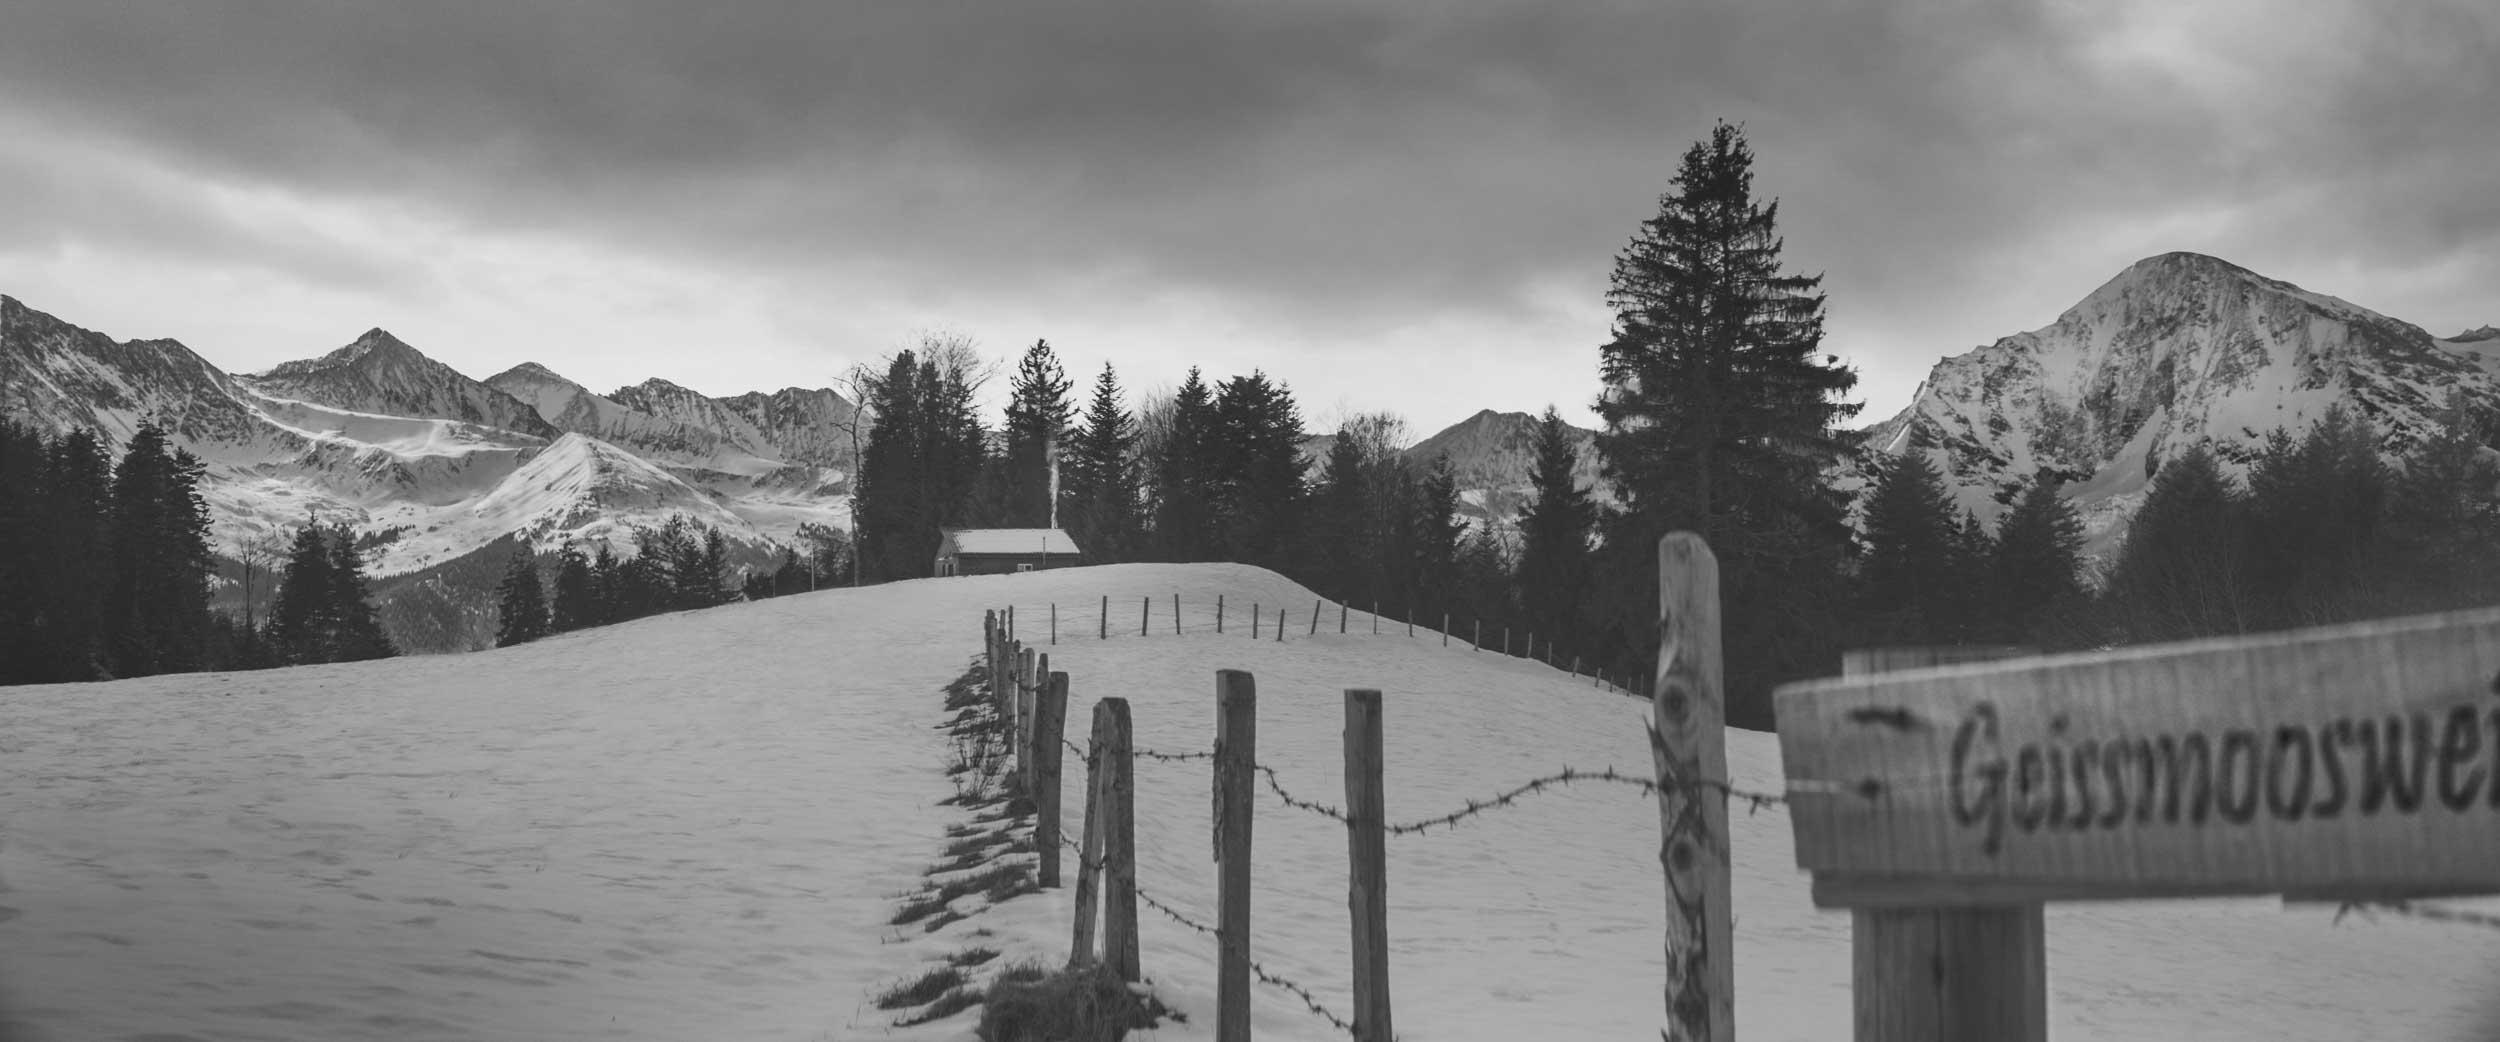 Alpine Getaway | hut in snowy mountains